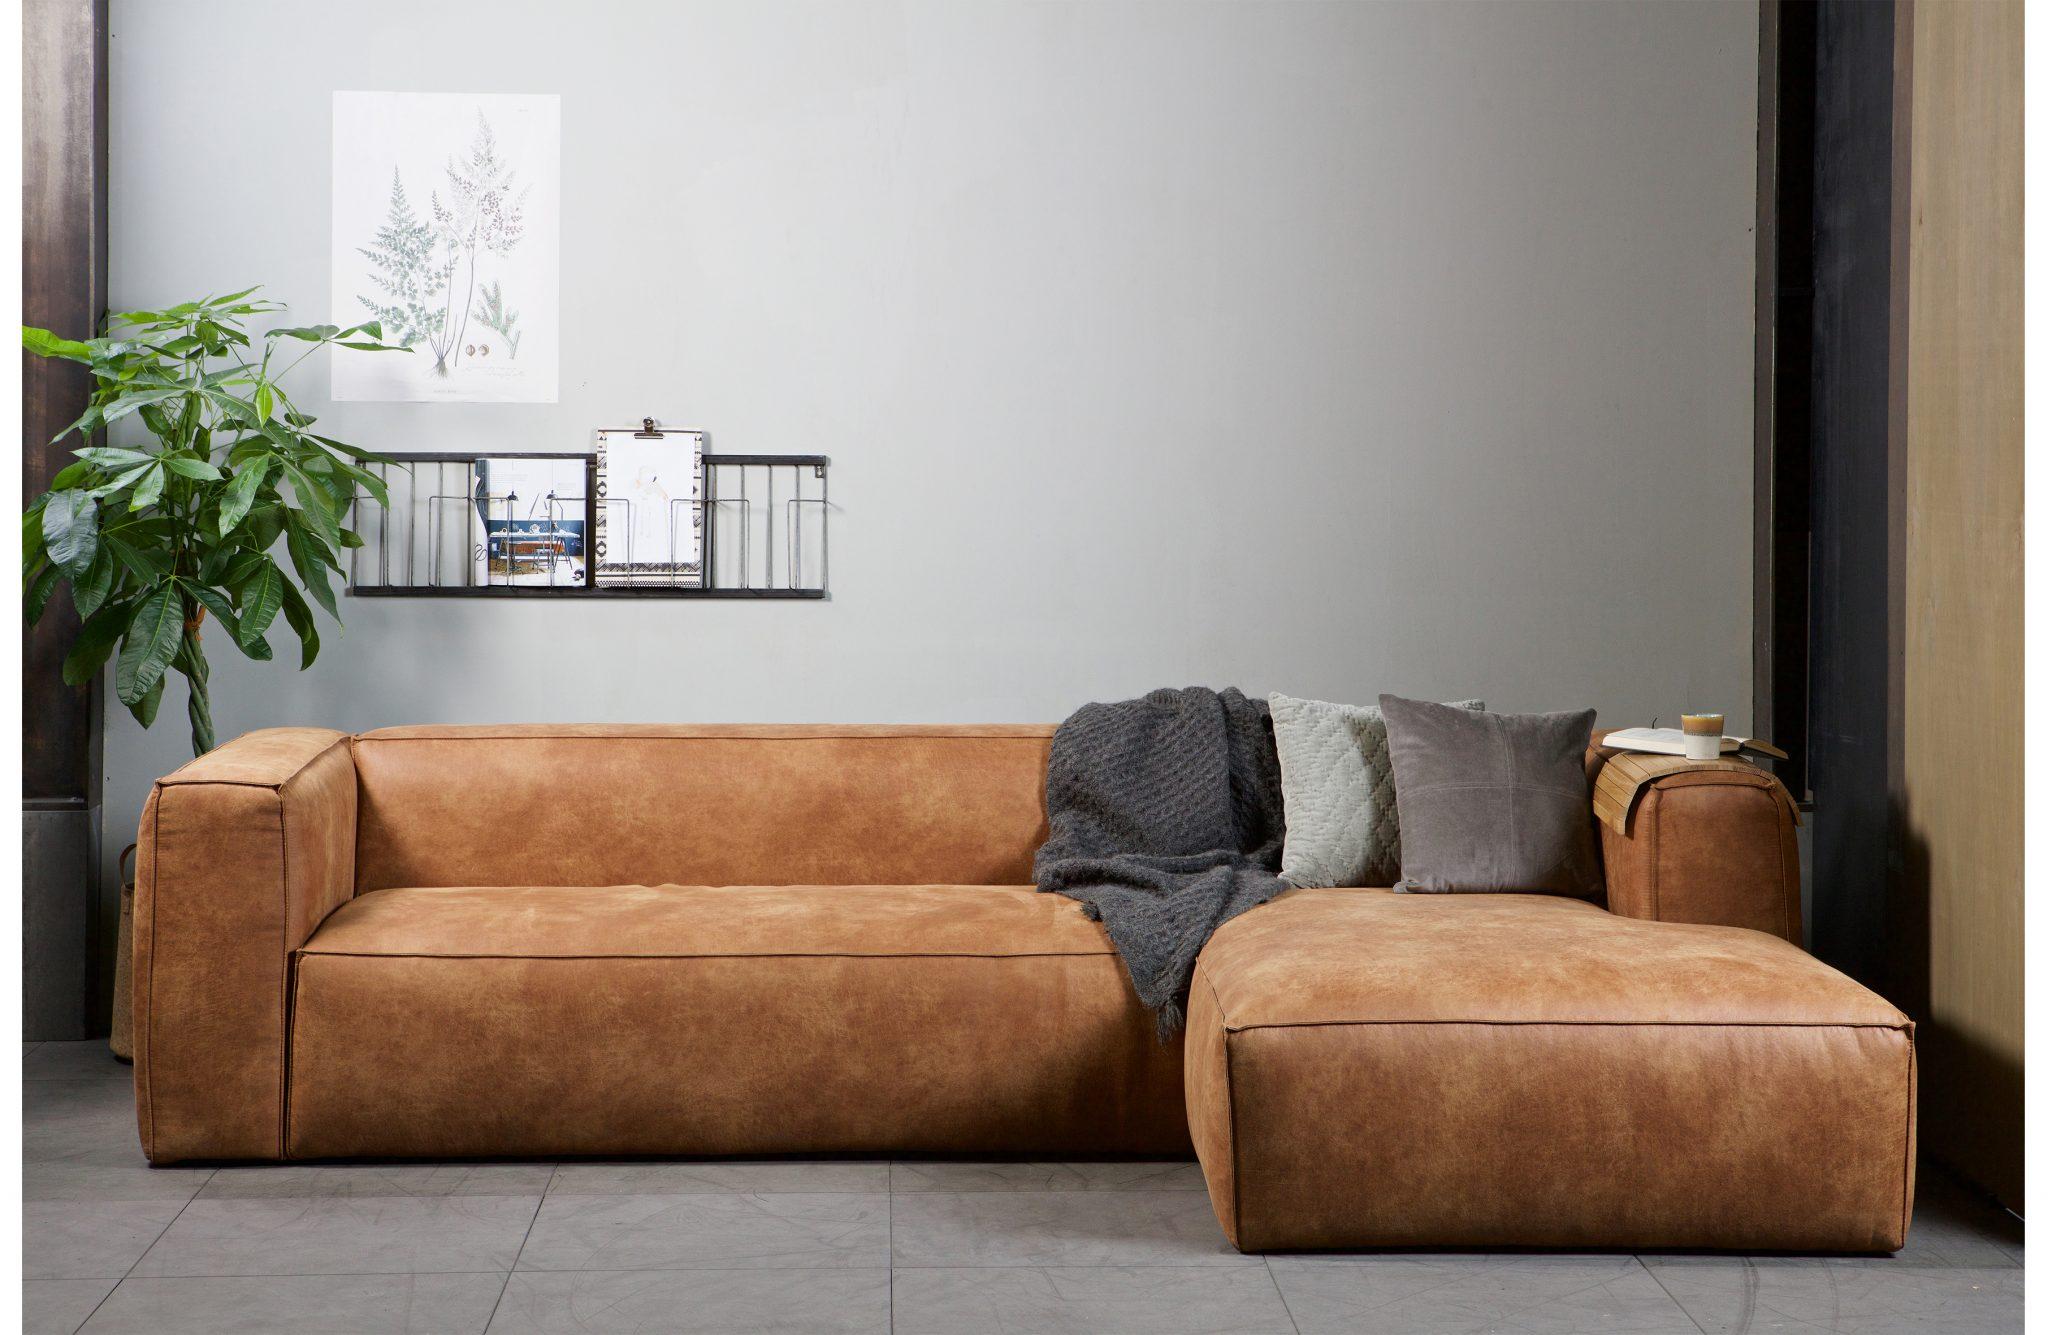 R 229 T 248 Ff Bean Sofa I Fargen Cognac Skinn Nordisk Stil